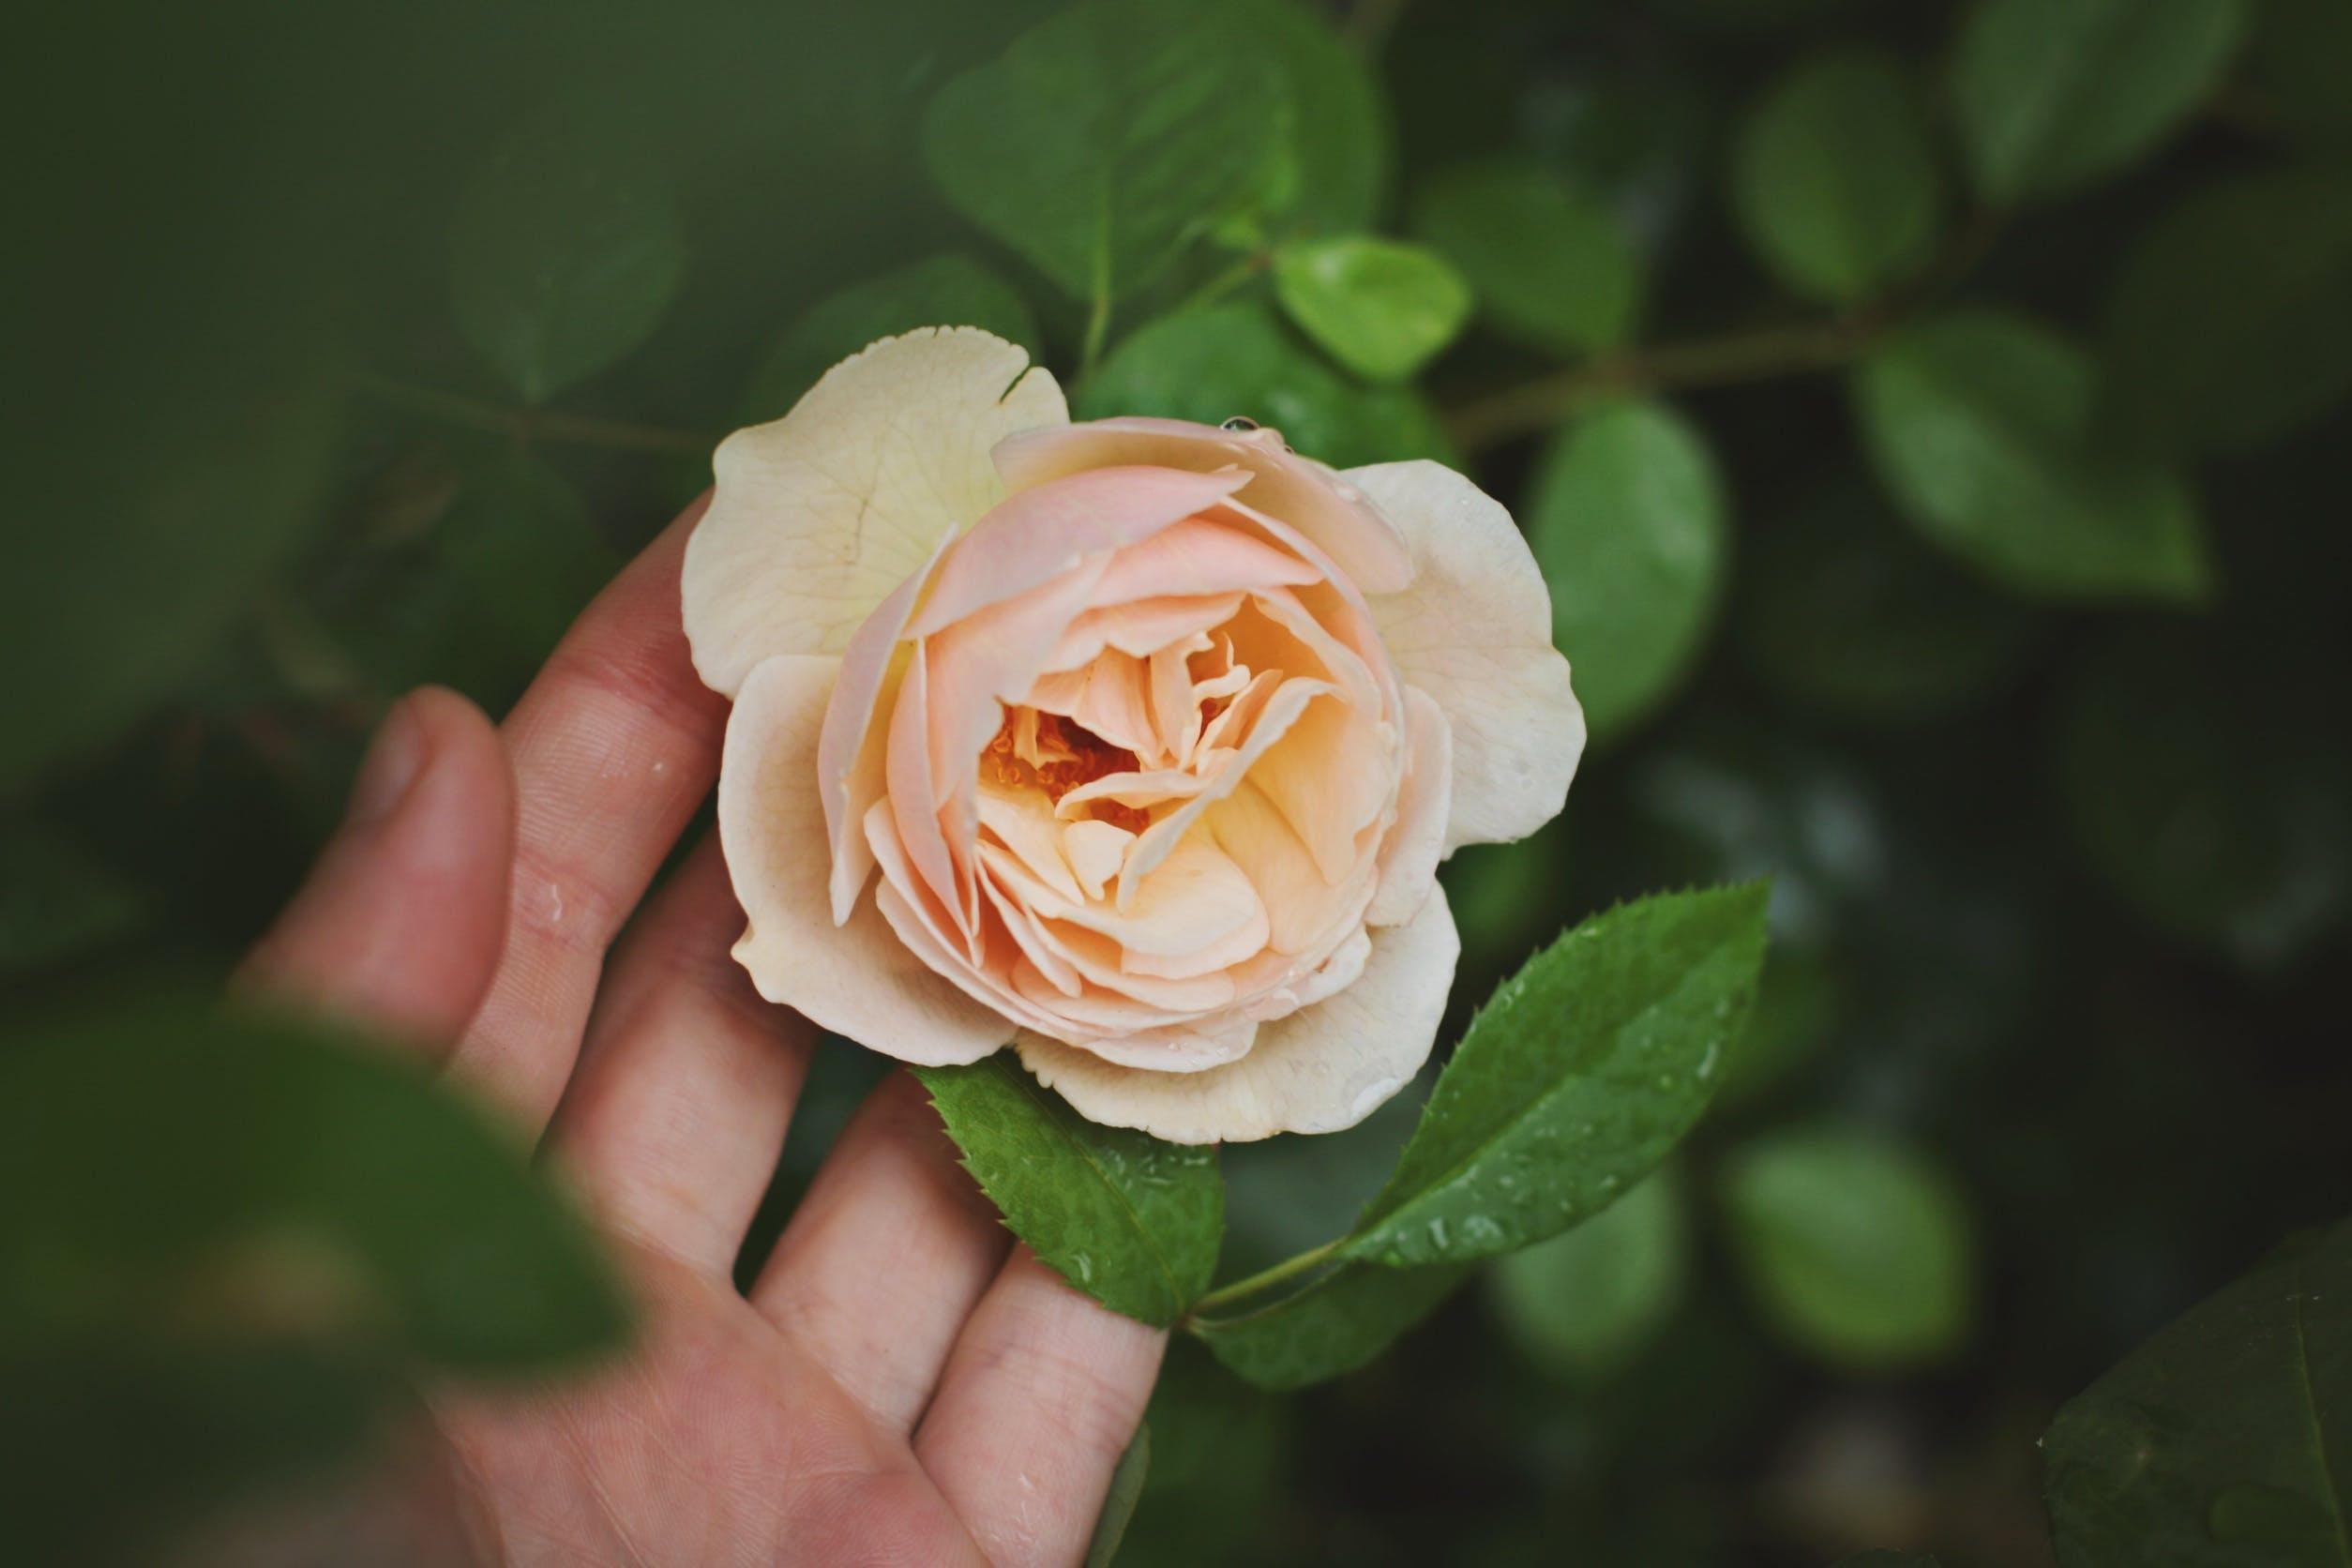 Free stock photo of nature, love, hand, garden